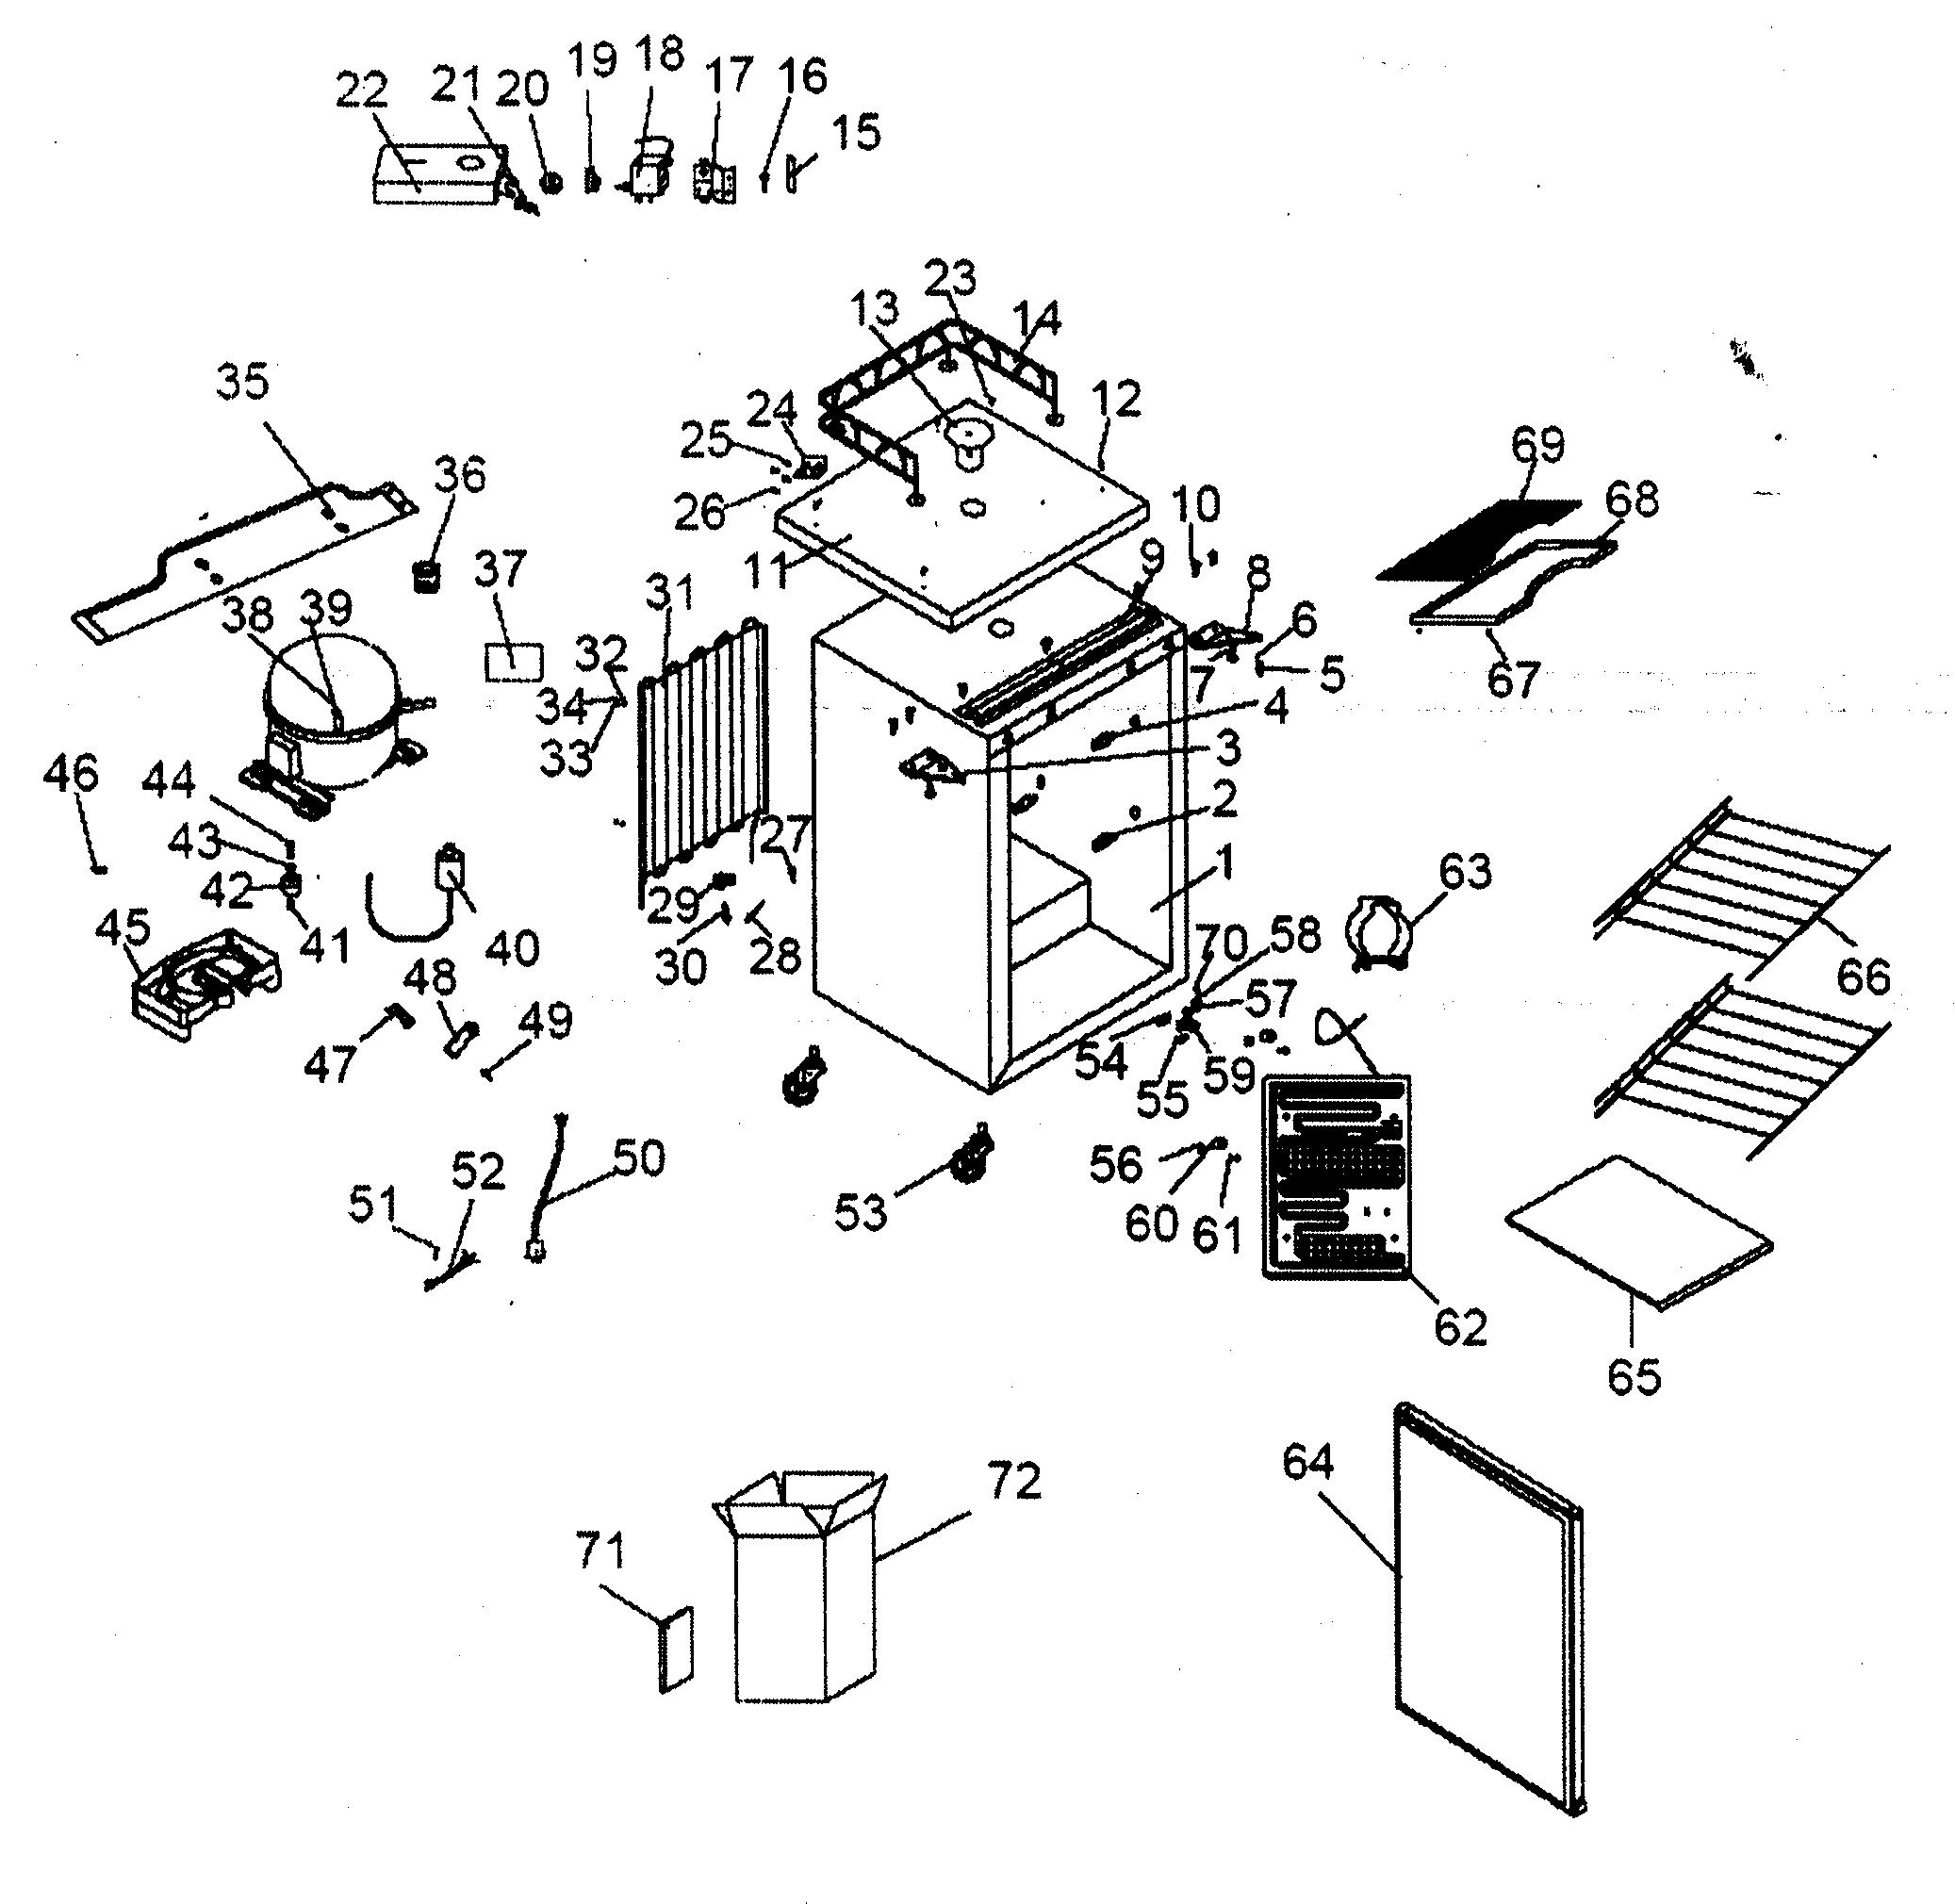 CABINET PARTS 2 Diagram & Parts List for Model HBF05EABB